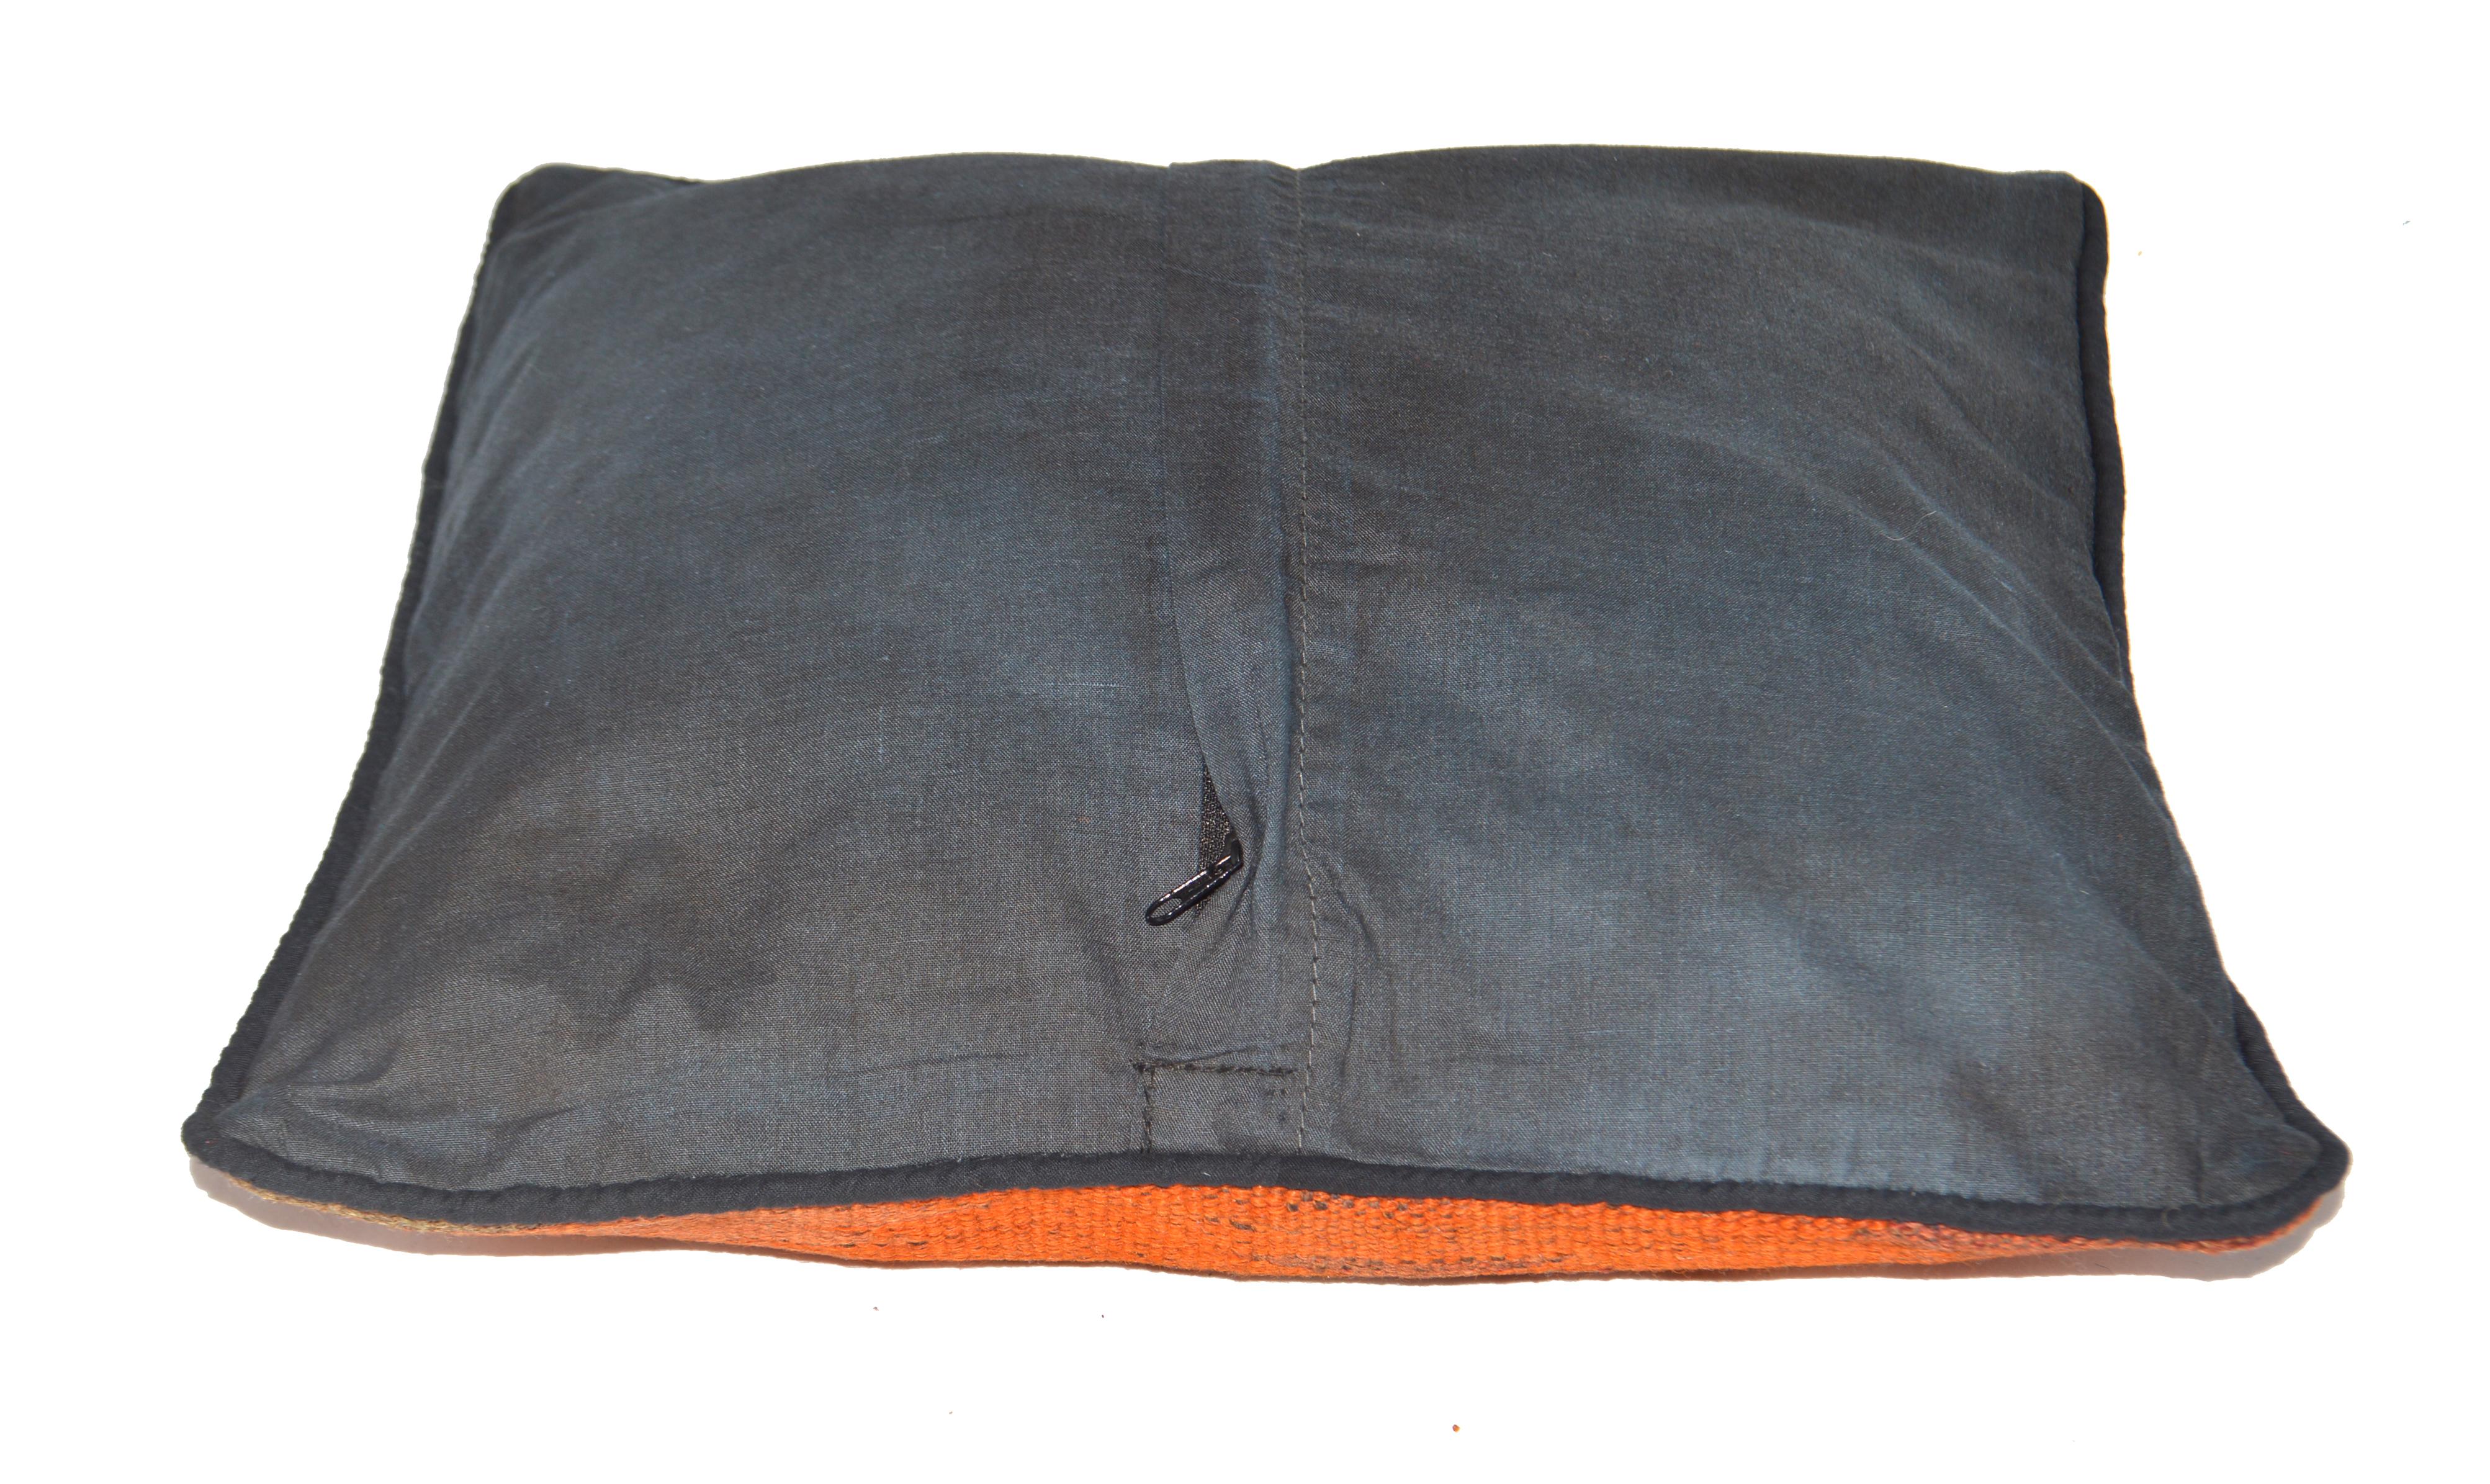 Orientalische Antik Kelim Kissen Unikat aus Wolle, handgewebte Dekokissen, Vintage AKS 011 Größe 40 x 40 cm